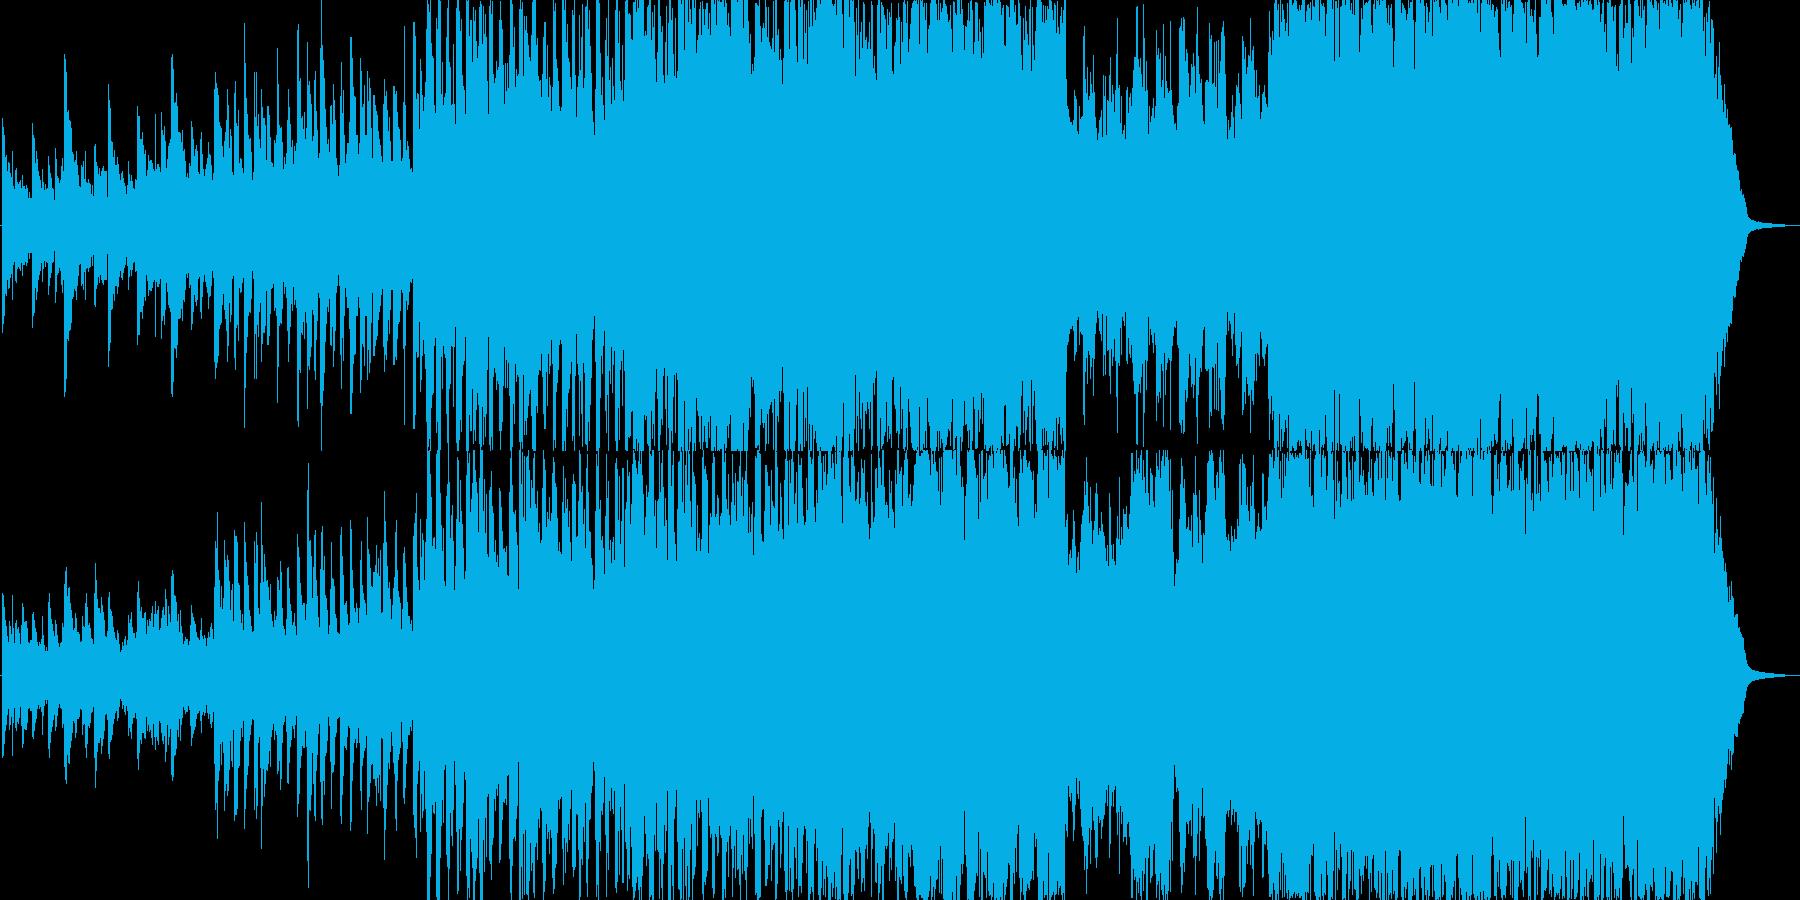 ポジティブなピアノ、オーケストラ楽曲の再生済みの波形